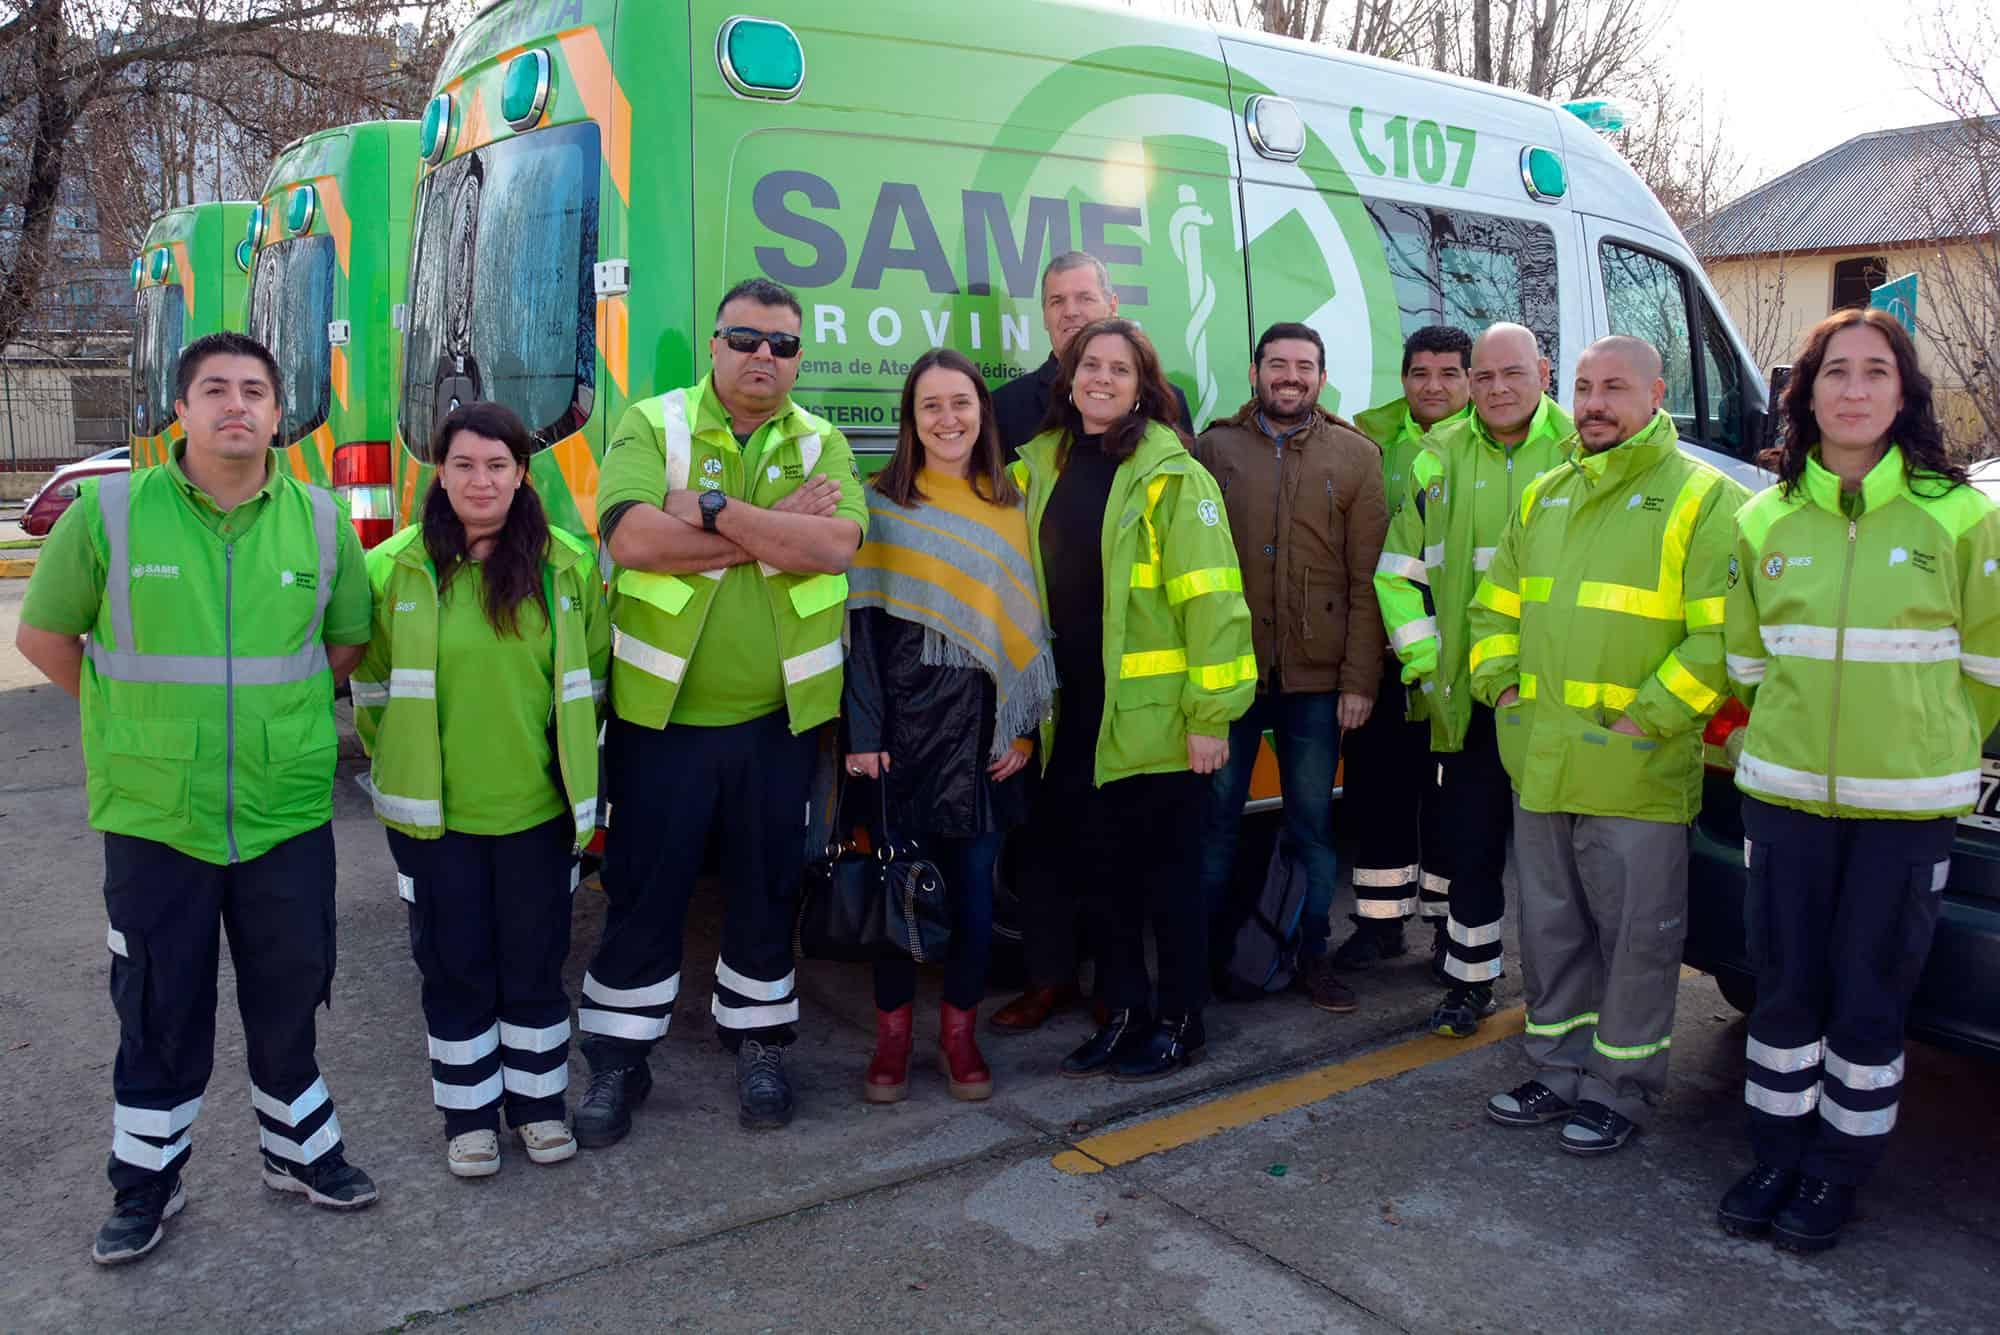 Hay acuerdo para que el SAME llegue a Ituzaingó con 4 ambulancias